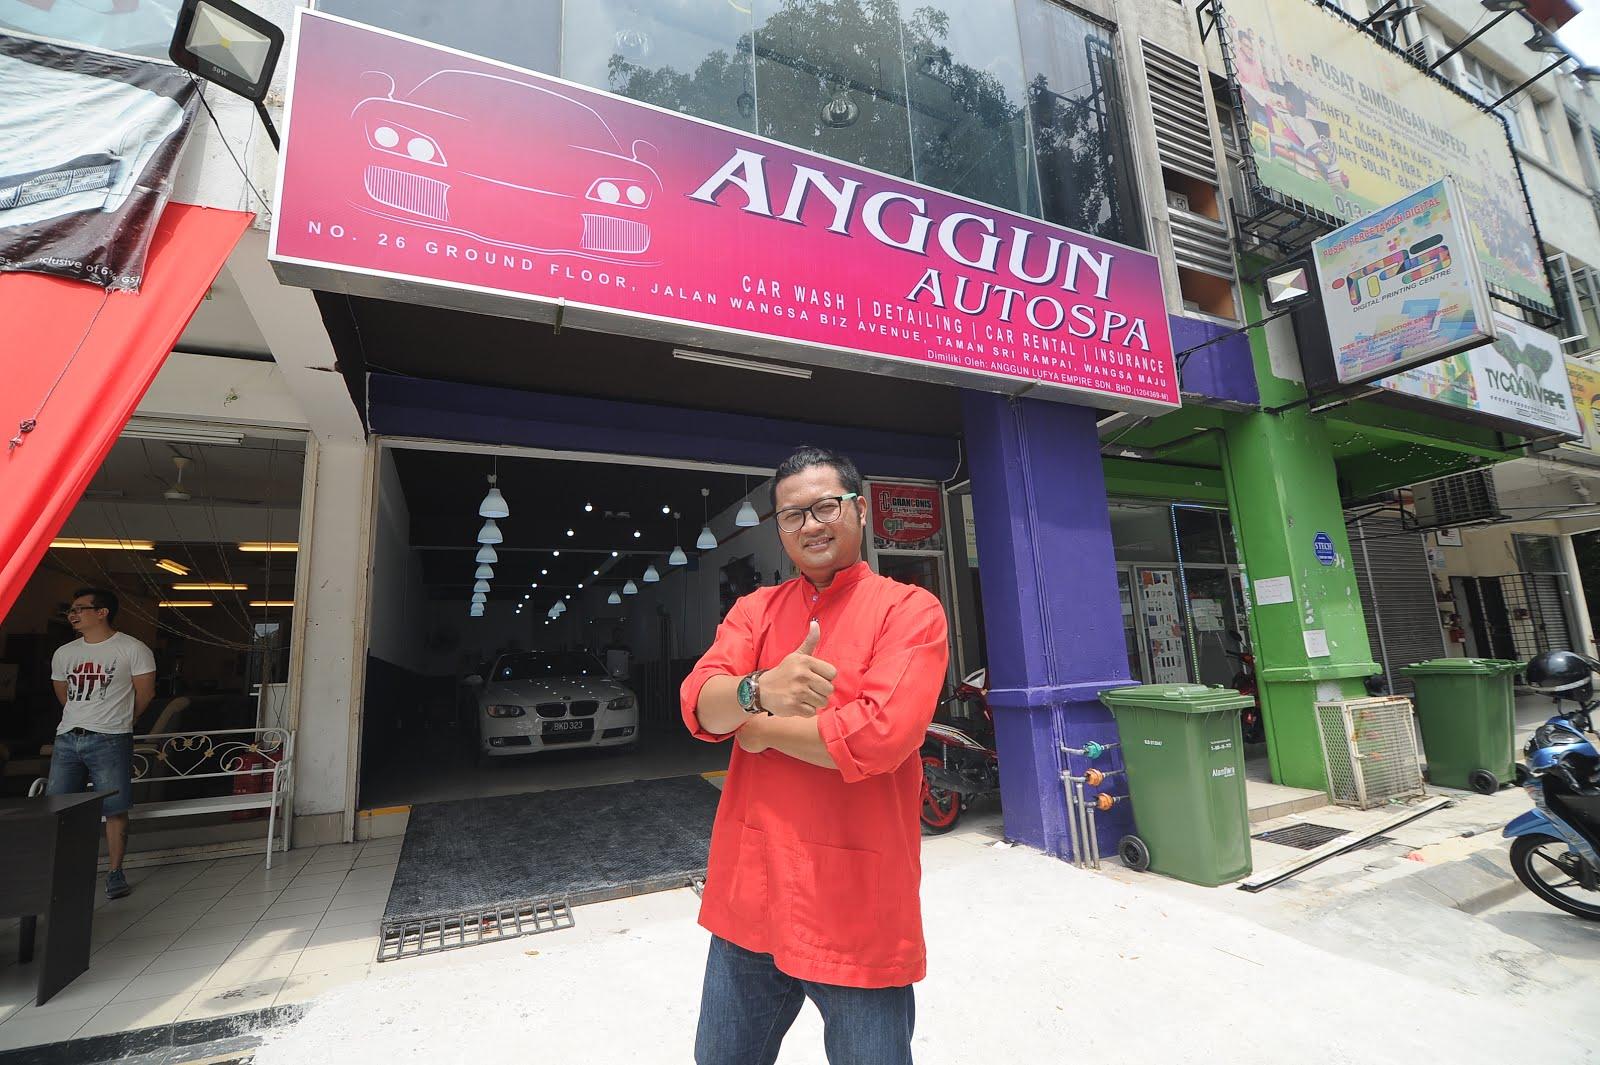 Monthly Anggun Car Rental